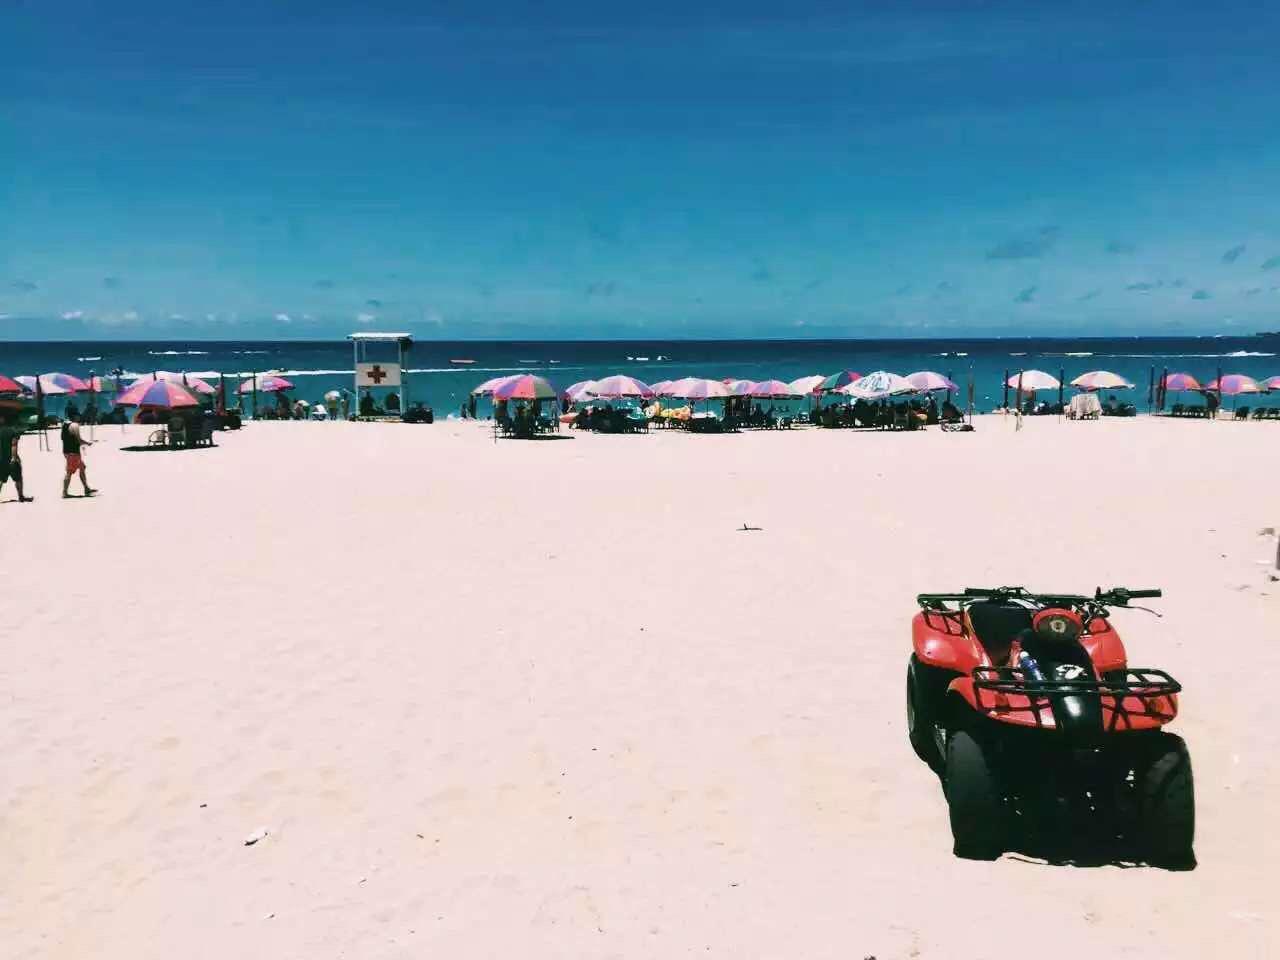 阳光沙滩卡丁车,蓝天白云和牛马,土豪的世界,穷酸穷酸的小编高清图片